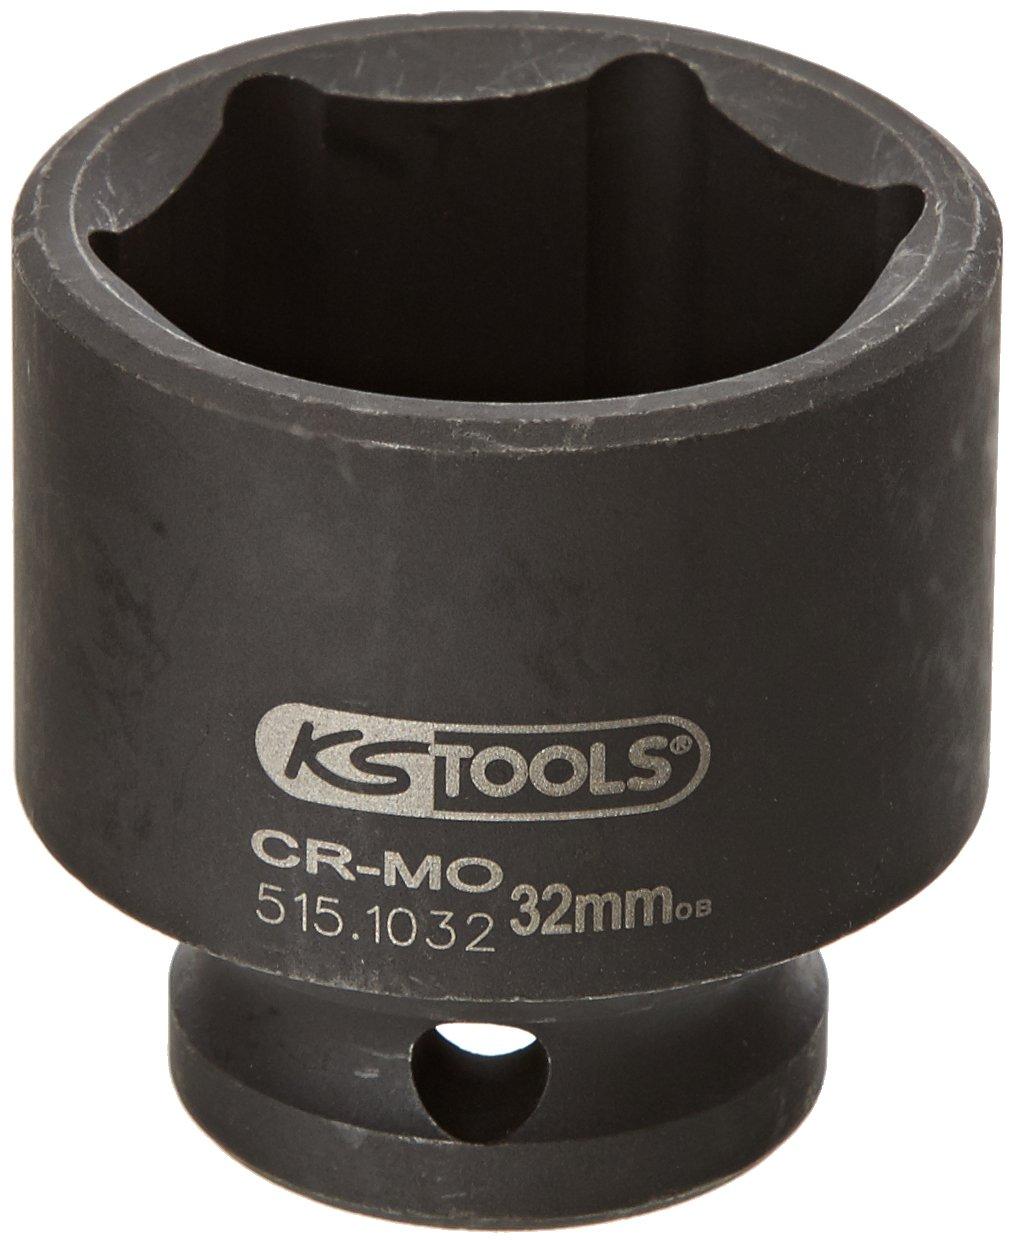 kurz 32mm KS Tools 515.1032 1//2 Sechskant-Kraft-Stecknuss